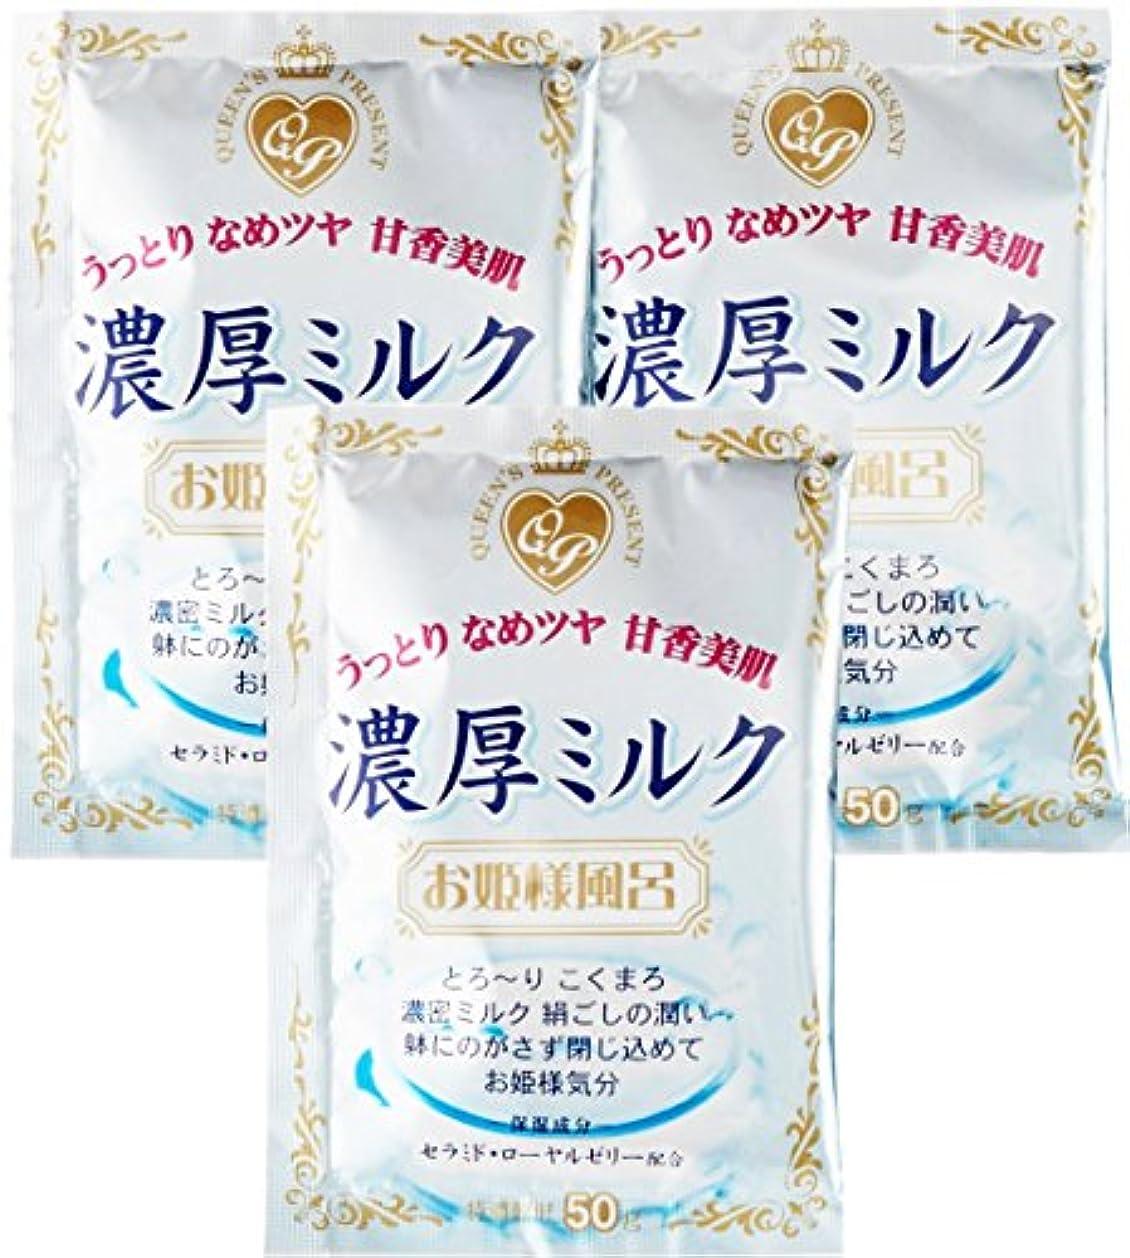 ホラーサミュエルスケート紀陽除虫菊 『入浴剤 まとめ買い』 お姫様風呂 濃厚ミルク 3包セット